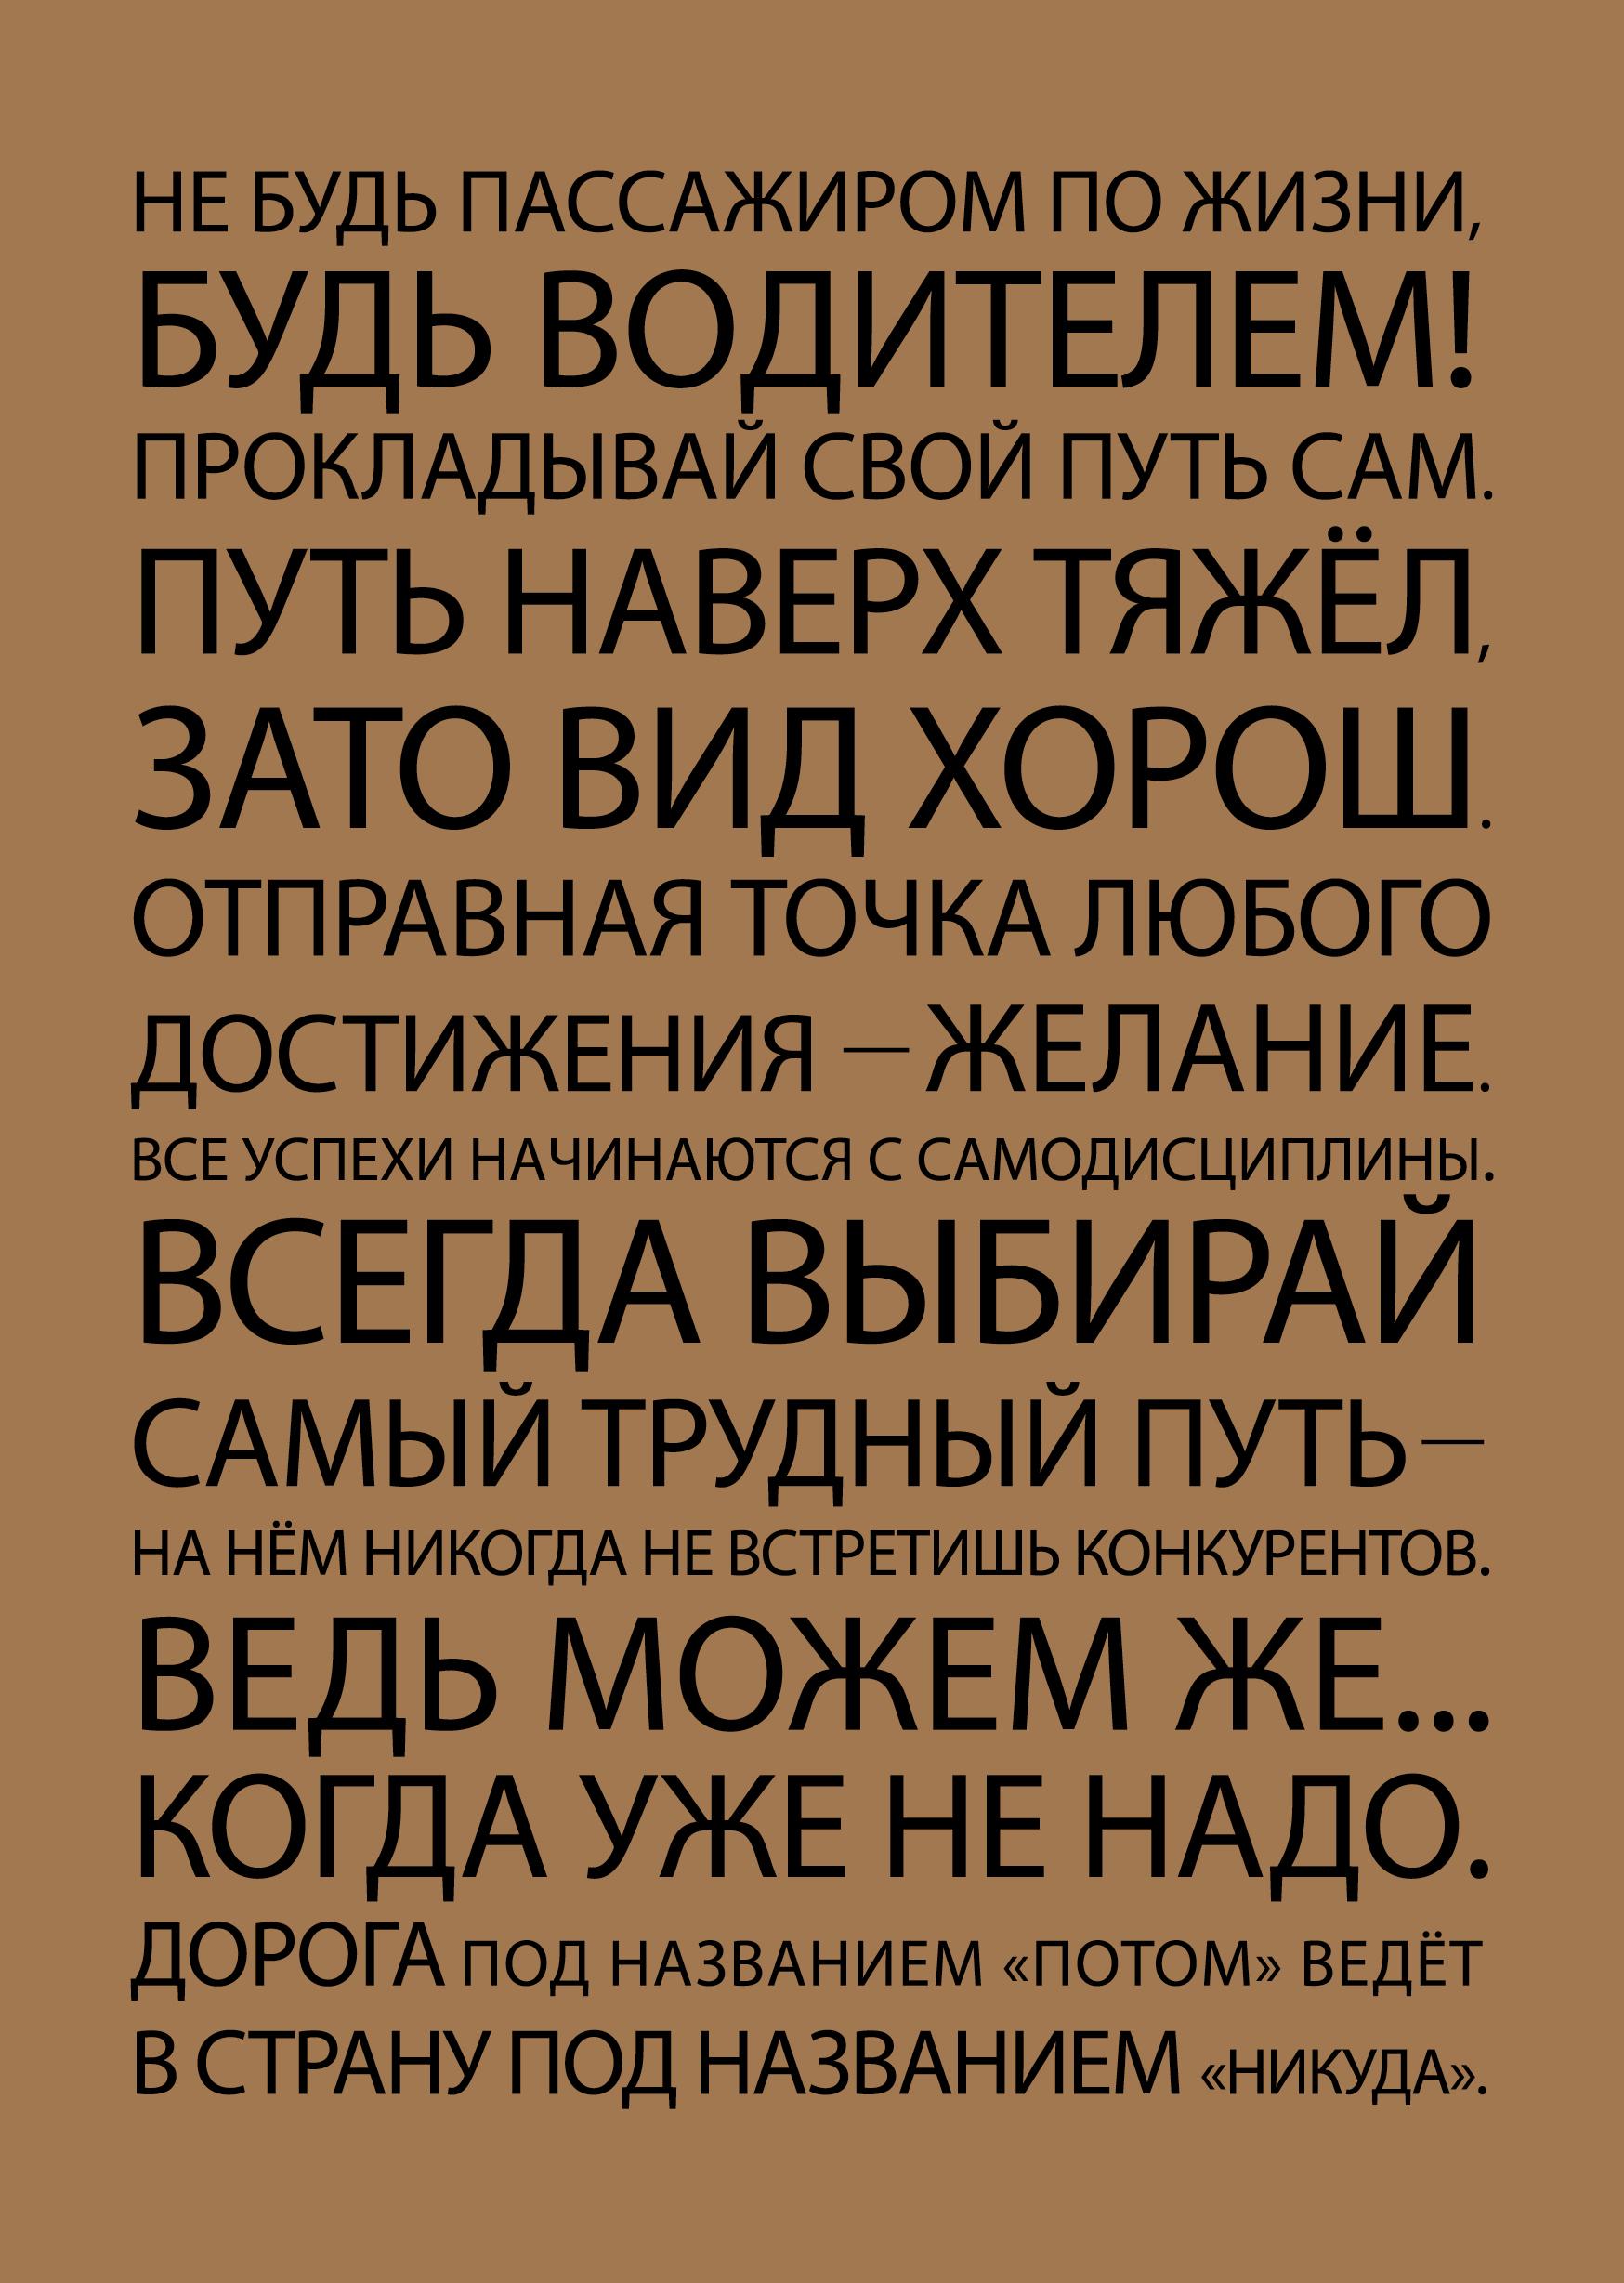 Блокнот. Всегда выбирай (формат А5, мотивирующие фразы, крафт обложка) от book24.ru